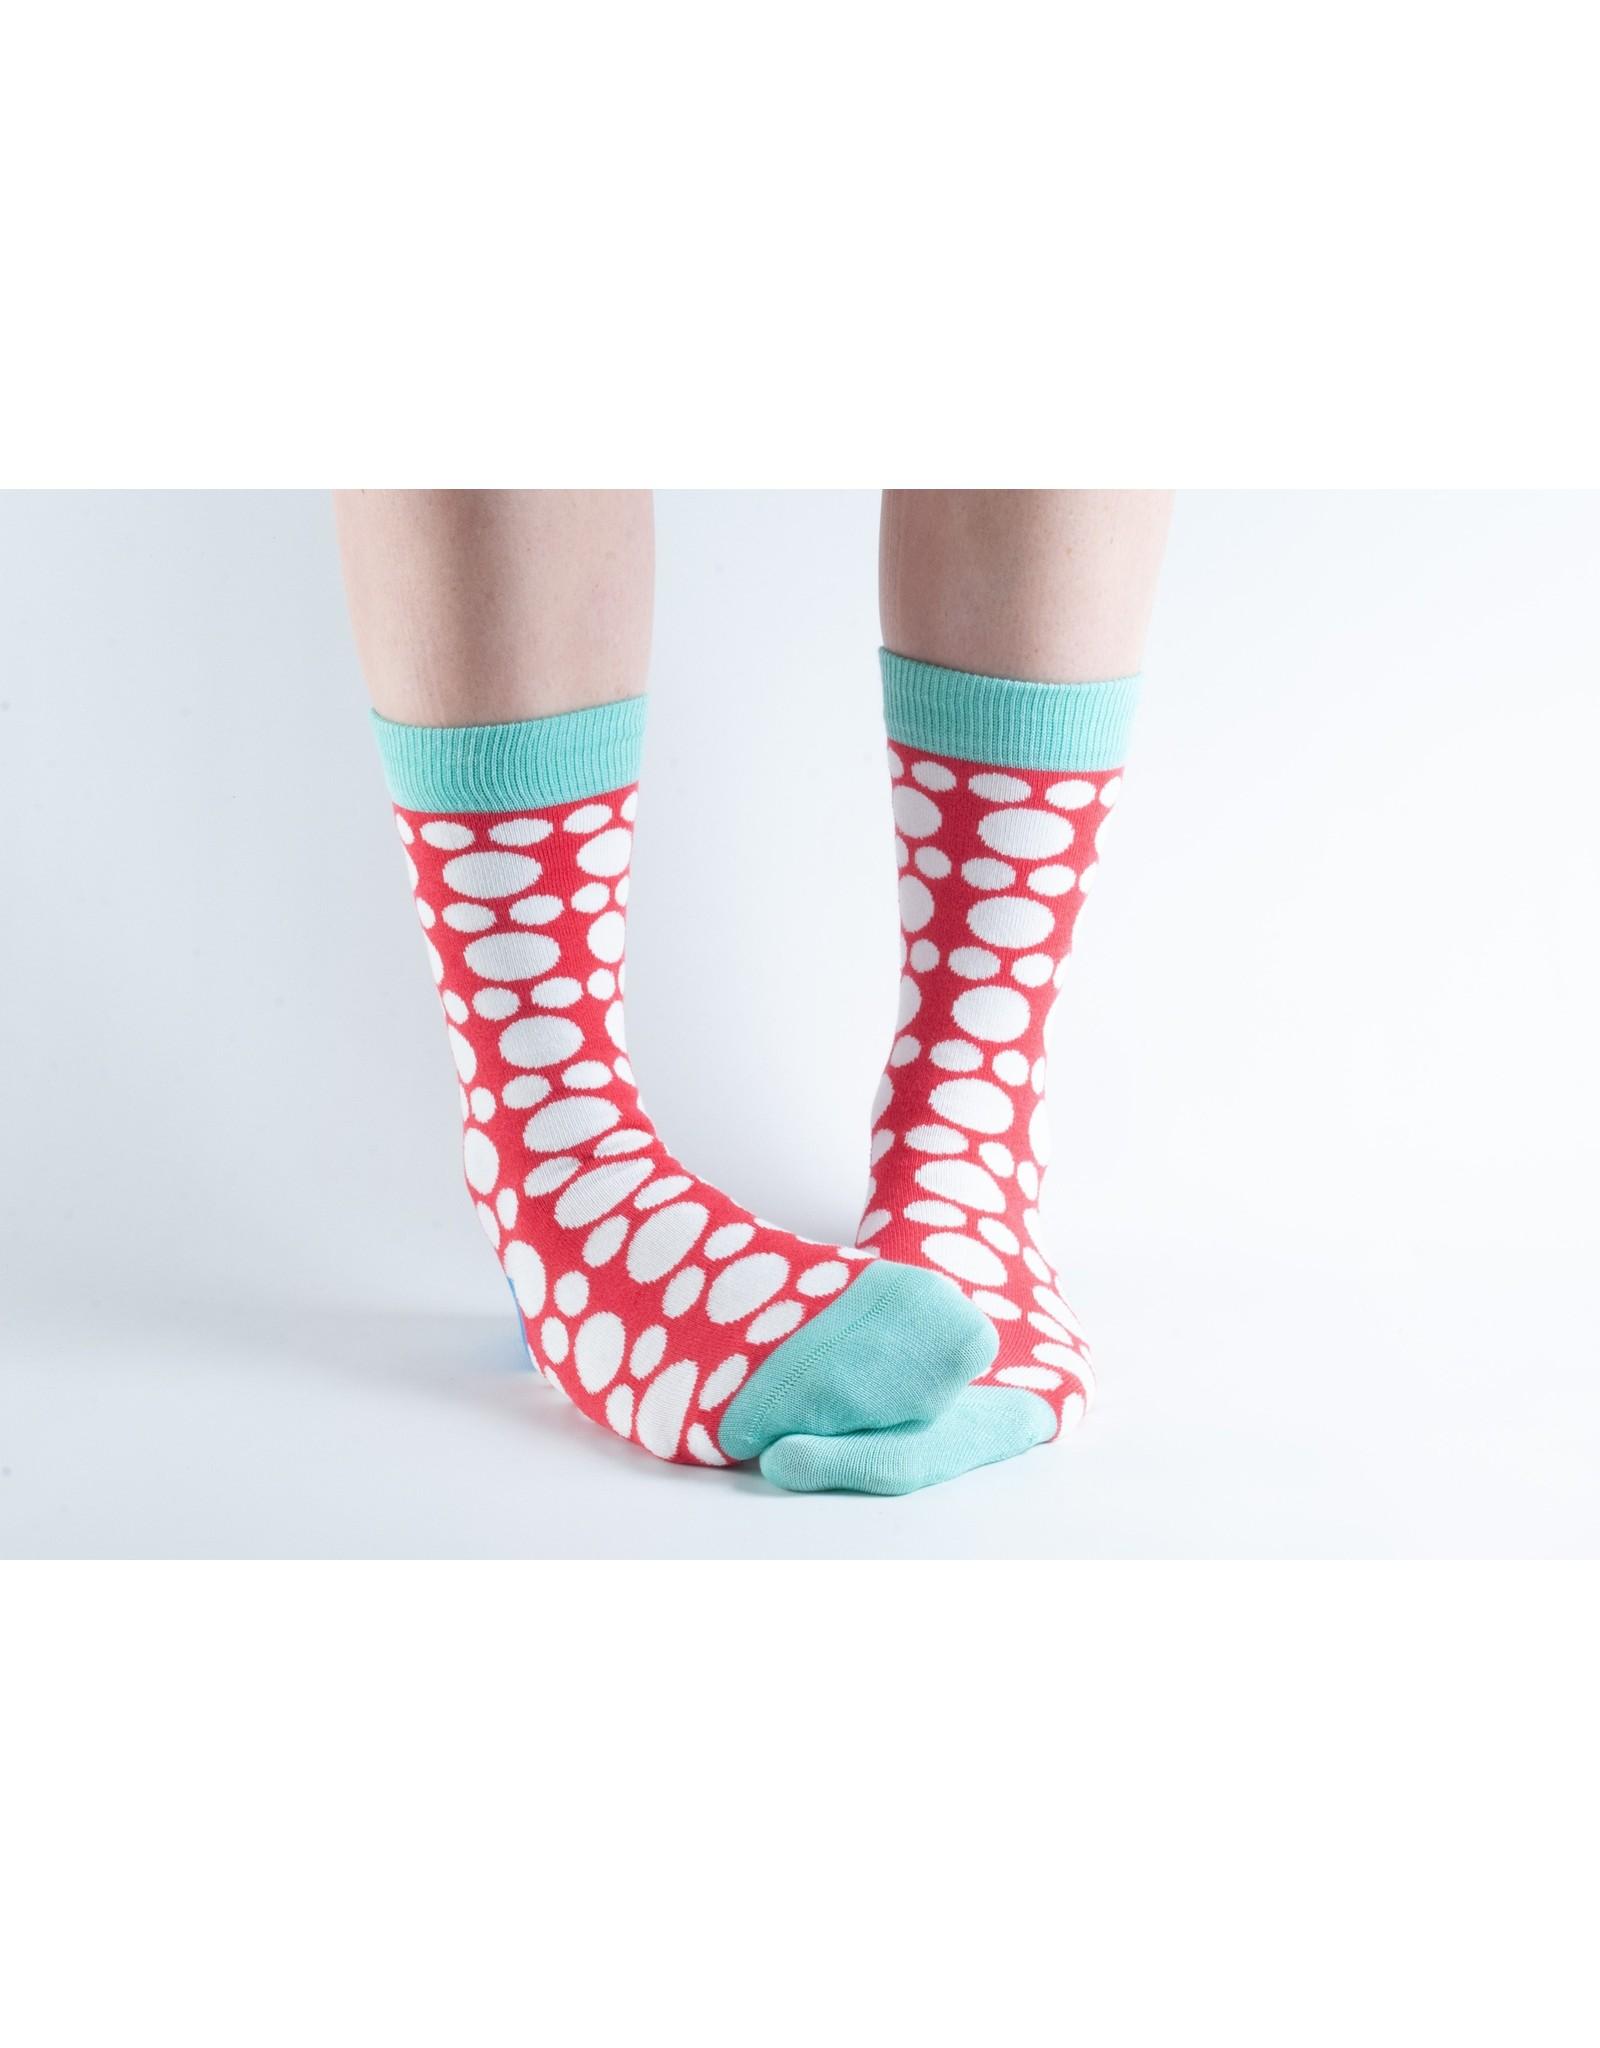 Doris & Dude Sokken - rood met stippen (36-40)